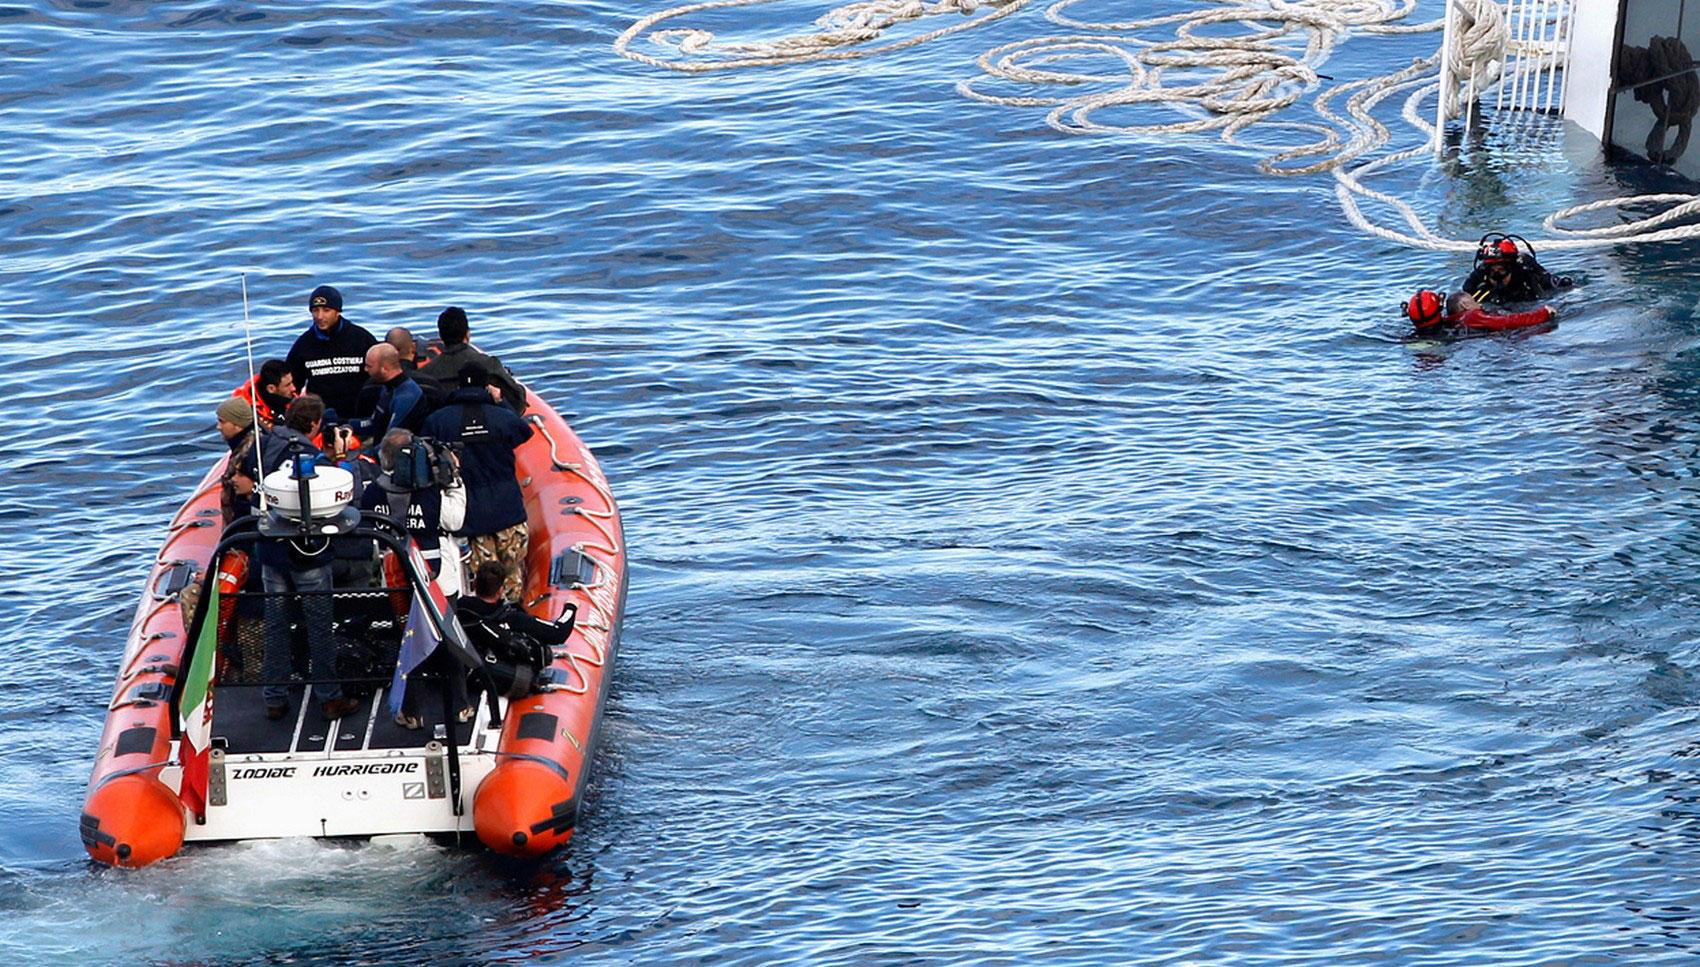 Аквалангисты вытаскивают из воды мужчину, фото